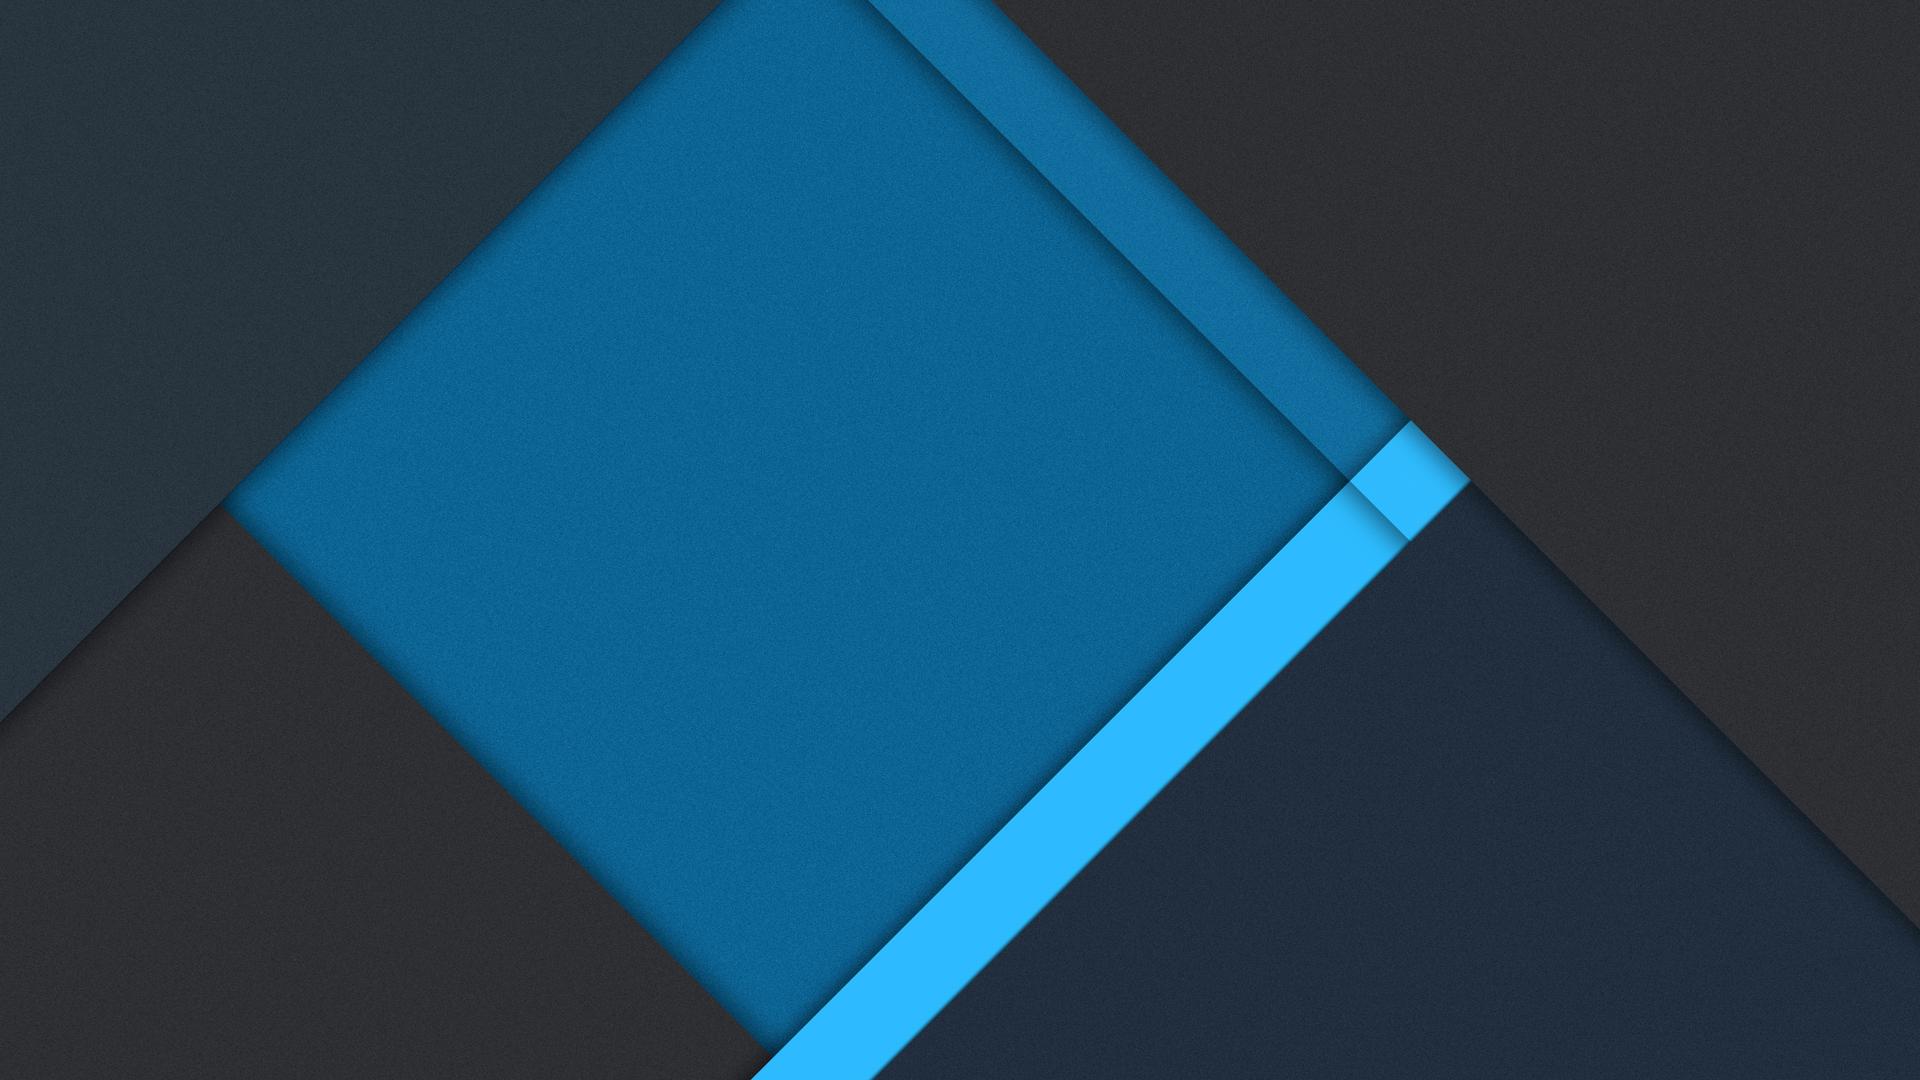 1920x1080 material design laptop full hd 1080p hd 4k for Material design wallpaper 4k